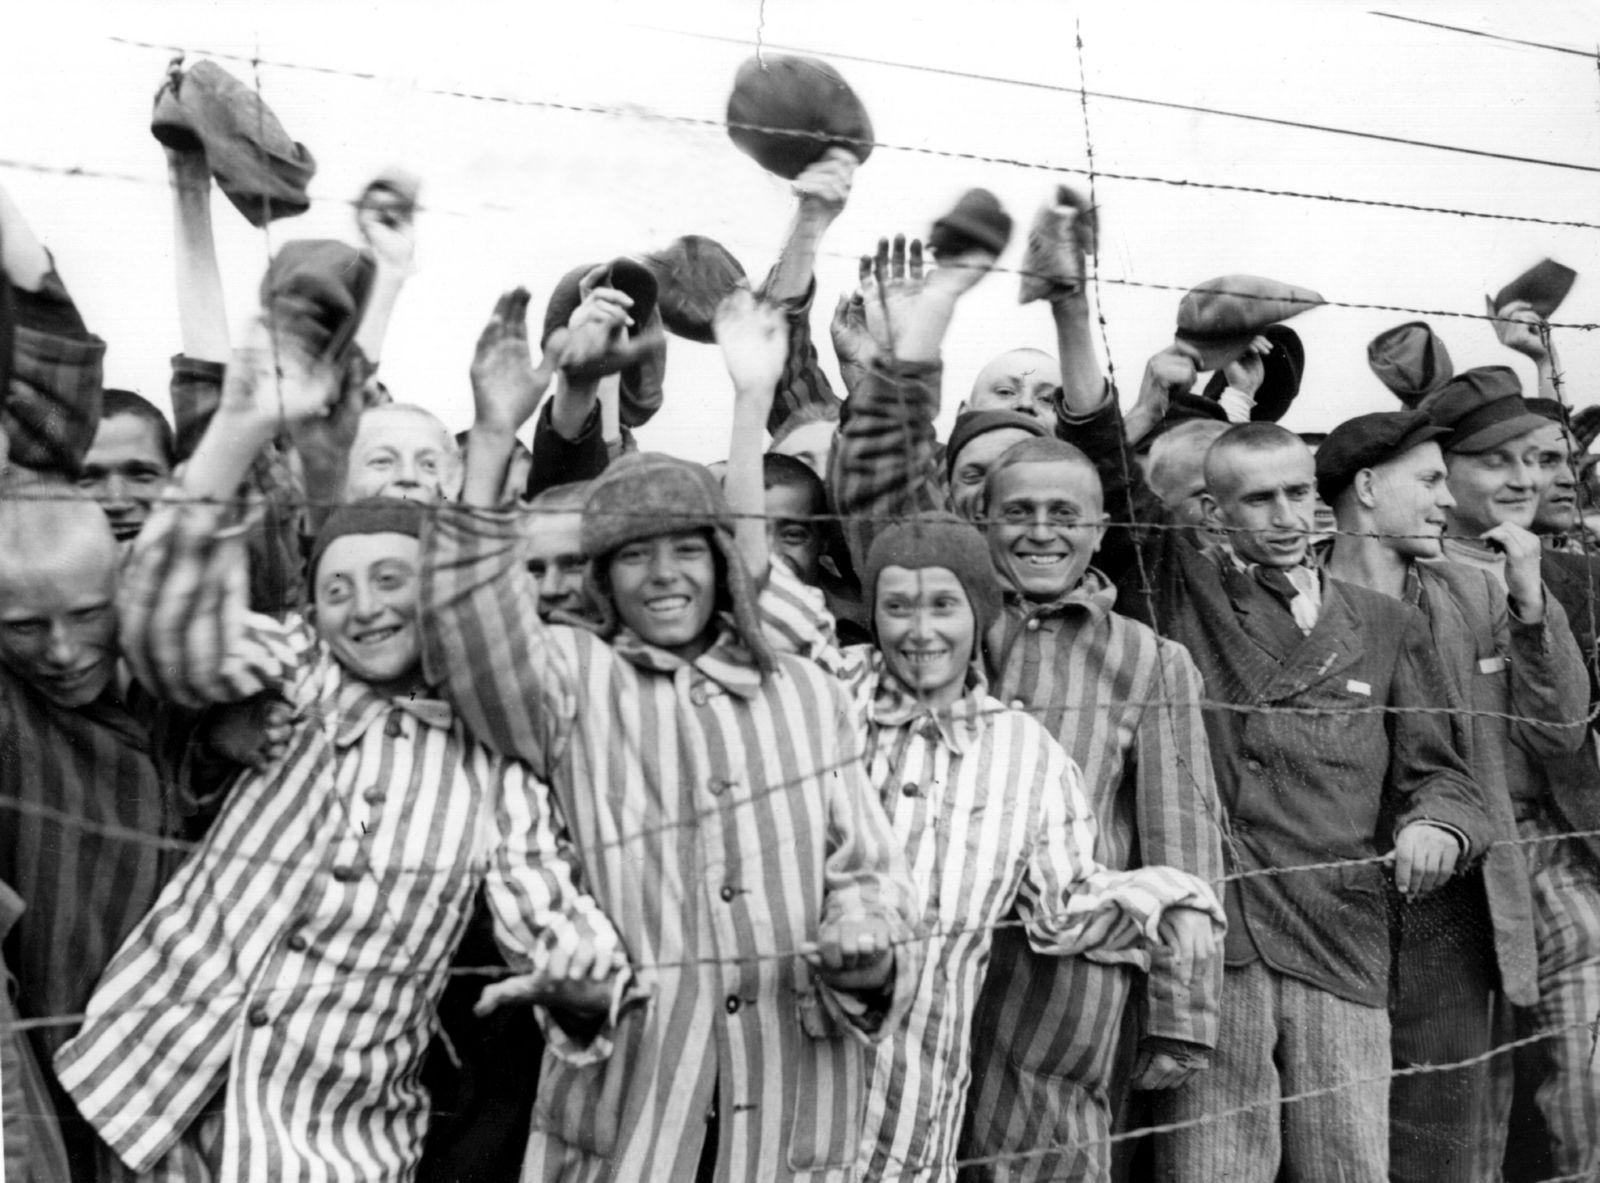 75 Jahre nach Ende des Grauens: Zeitzeugen erinnern an Holocaust